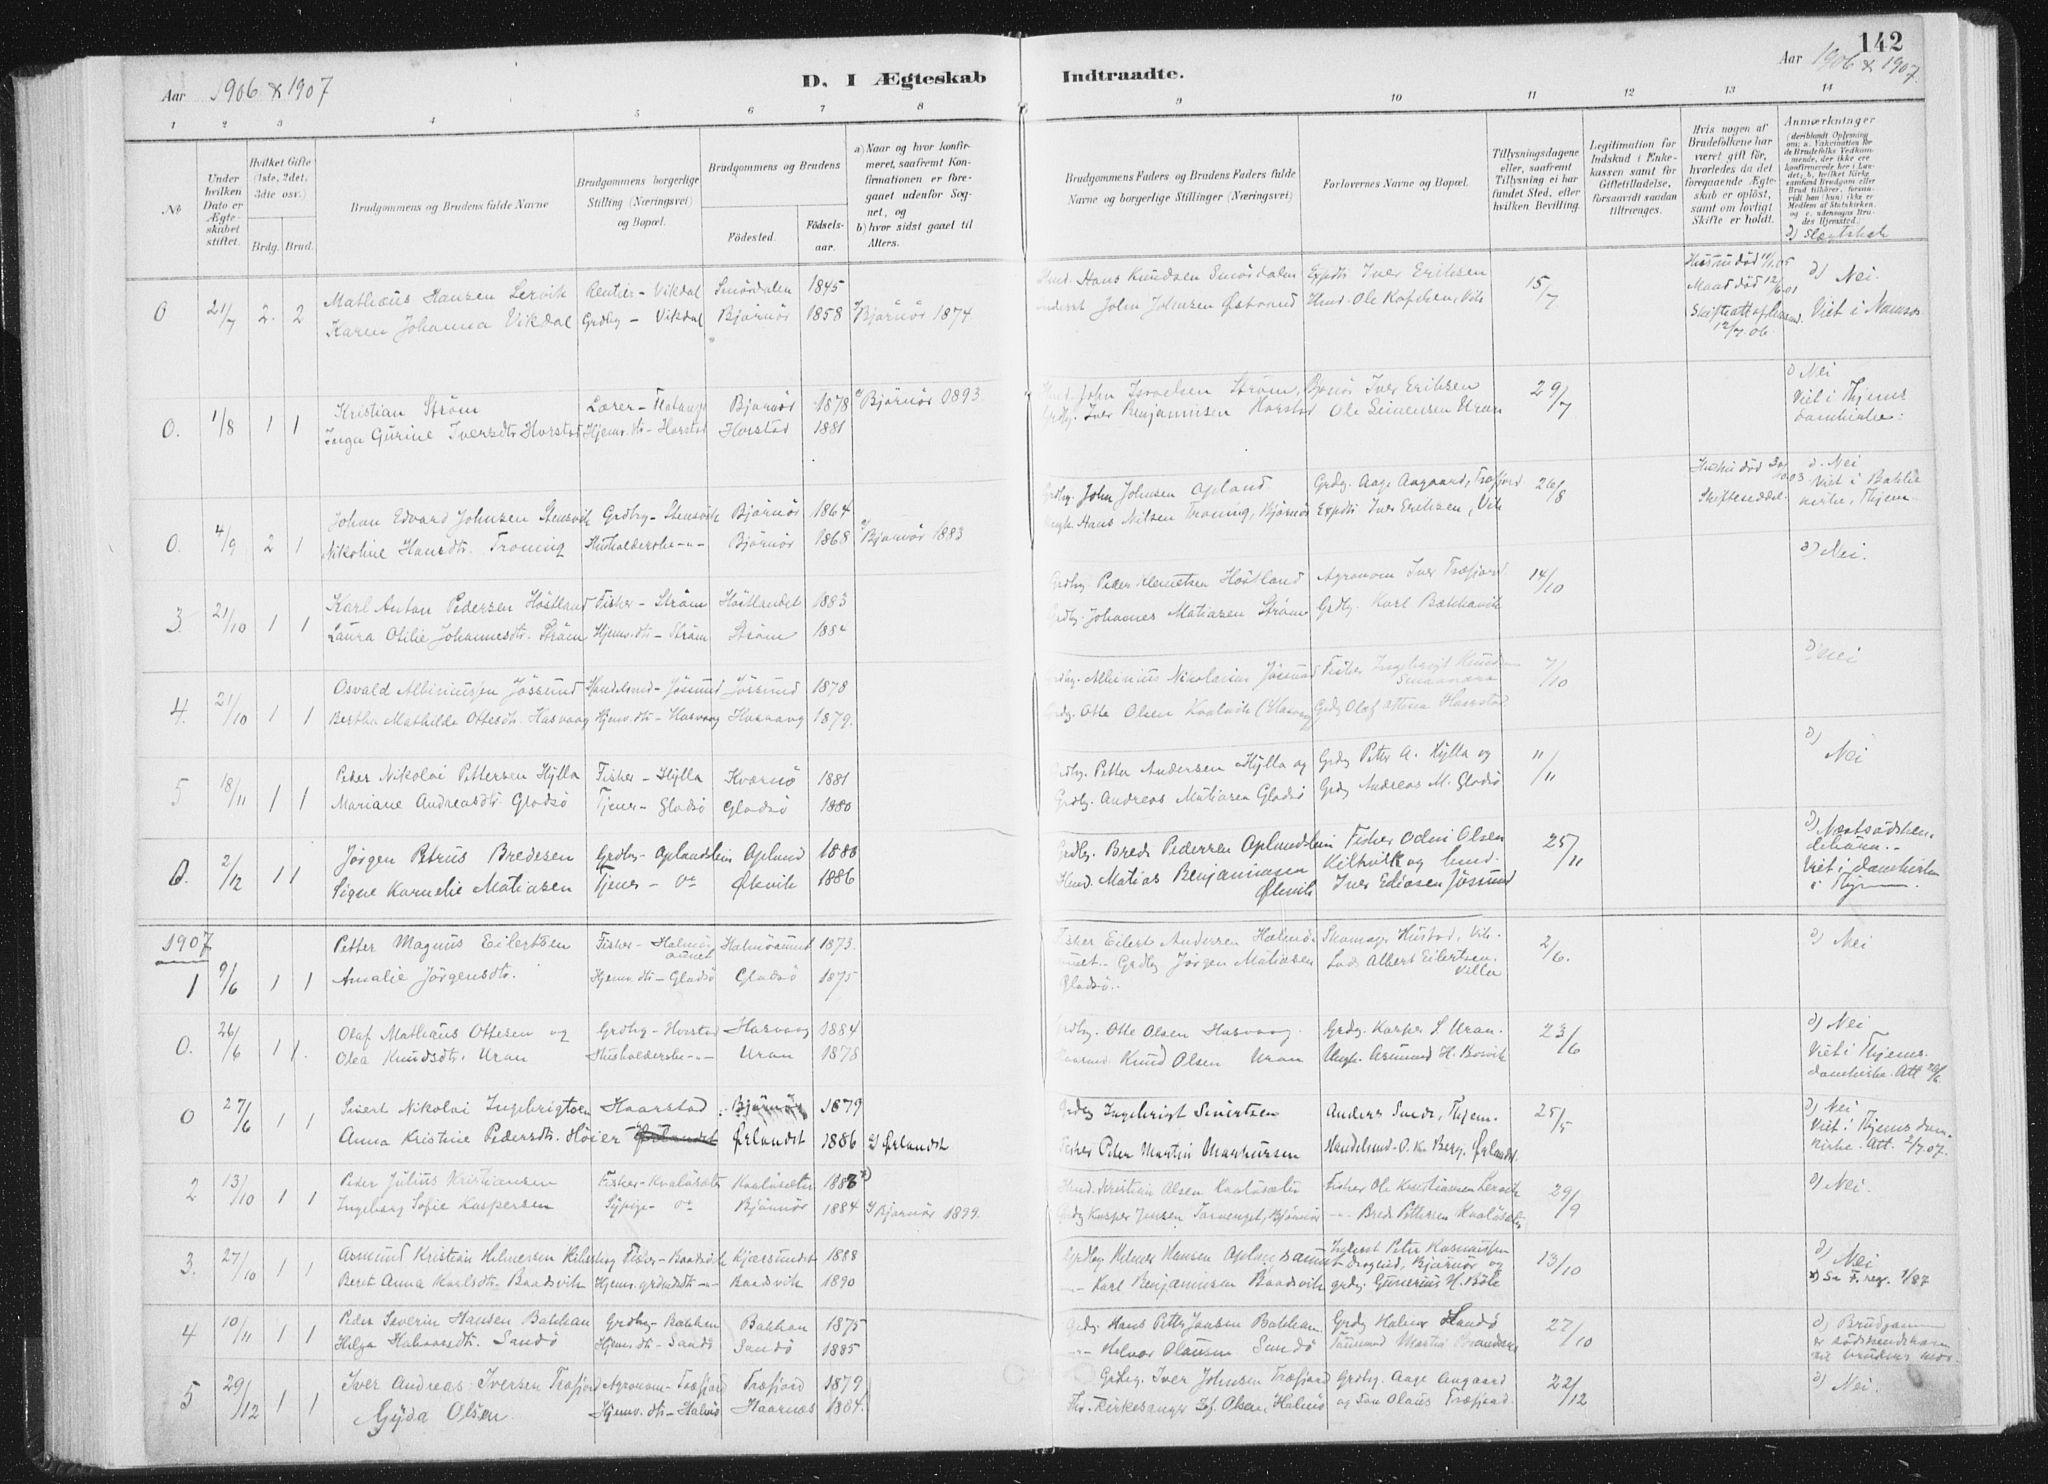 SAT, Ministerialprotokoller, klokkerbøker og fødselsregistre - Nord-Trøndelag, 771/L0597: Ministerialbok nr. 771A04, 1885-1910, s. 142